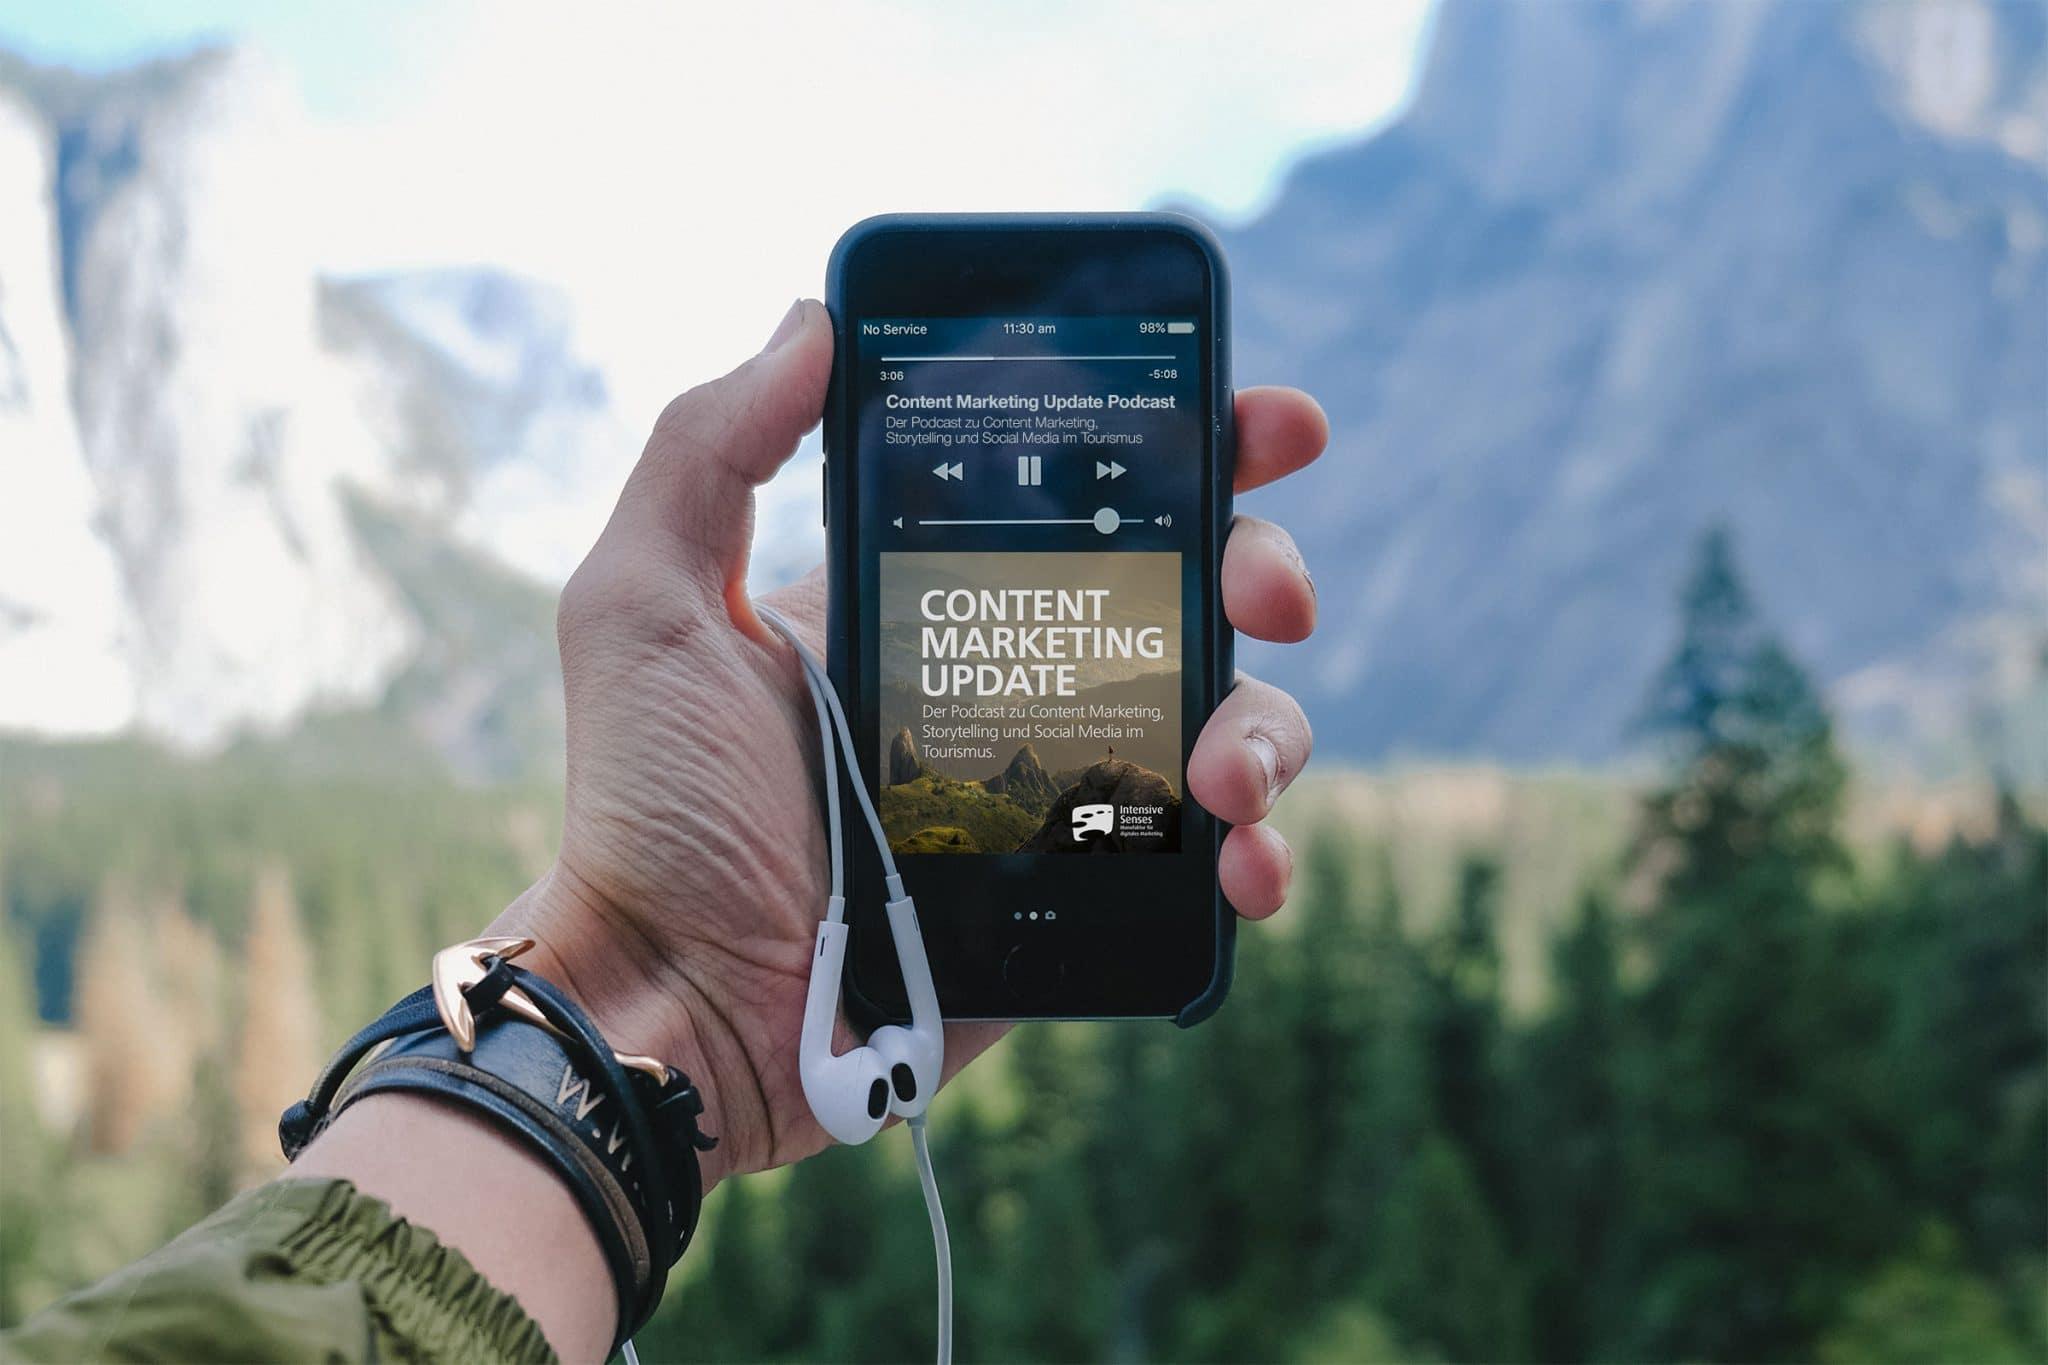 Ab jetzt gibt es uns auch für die Ohren: Der Content Marketing Update Podcast